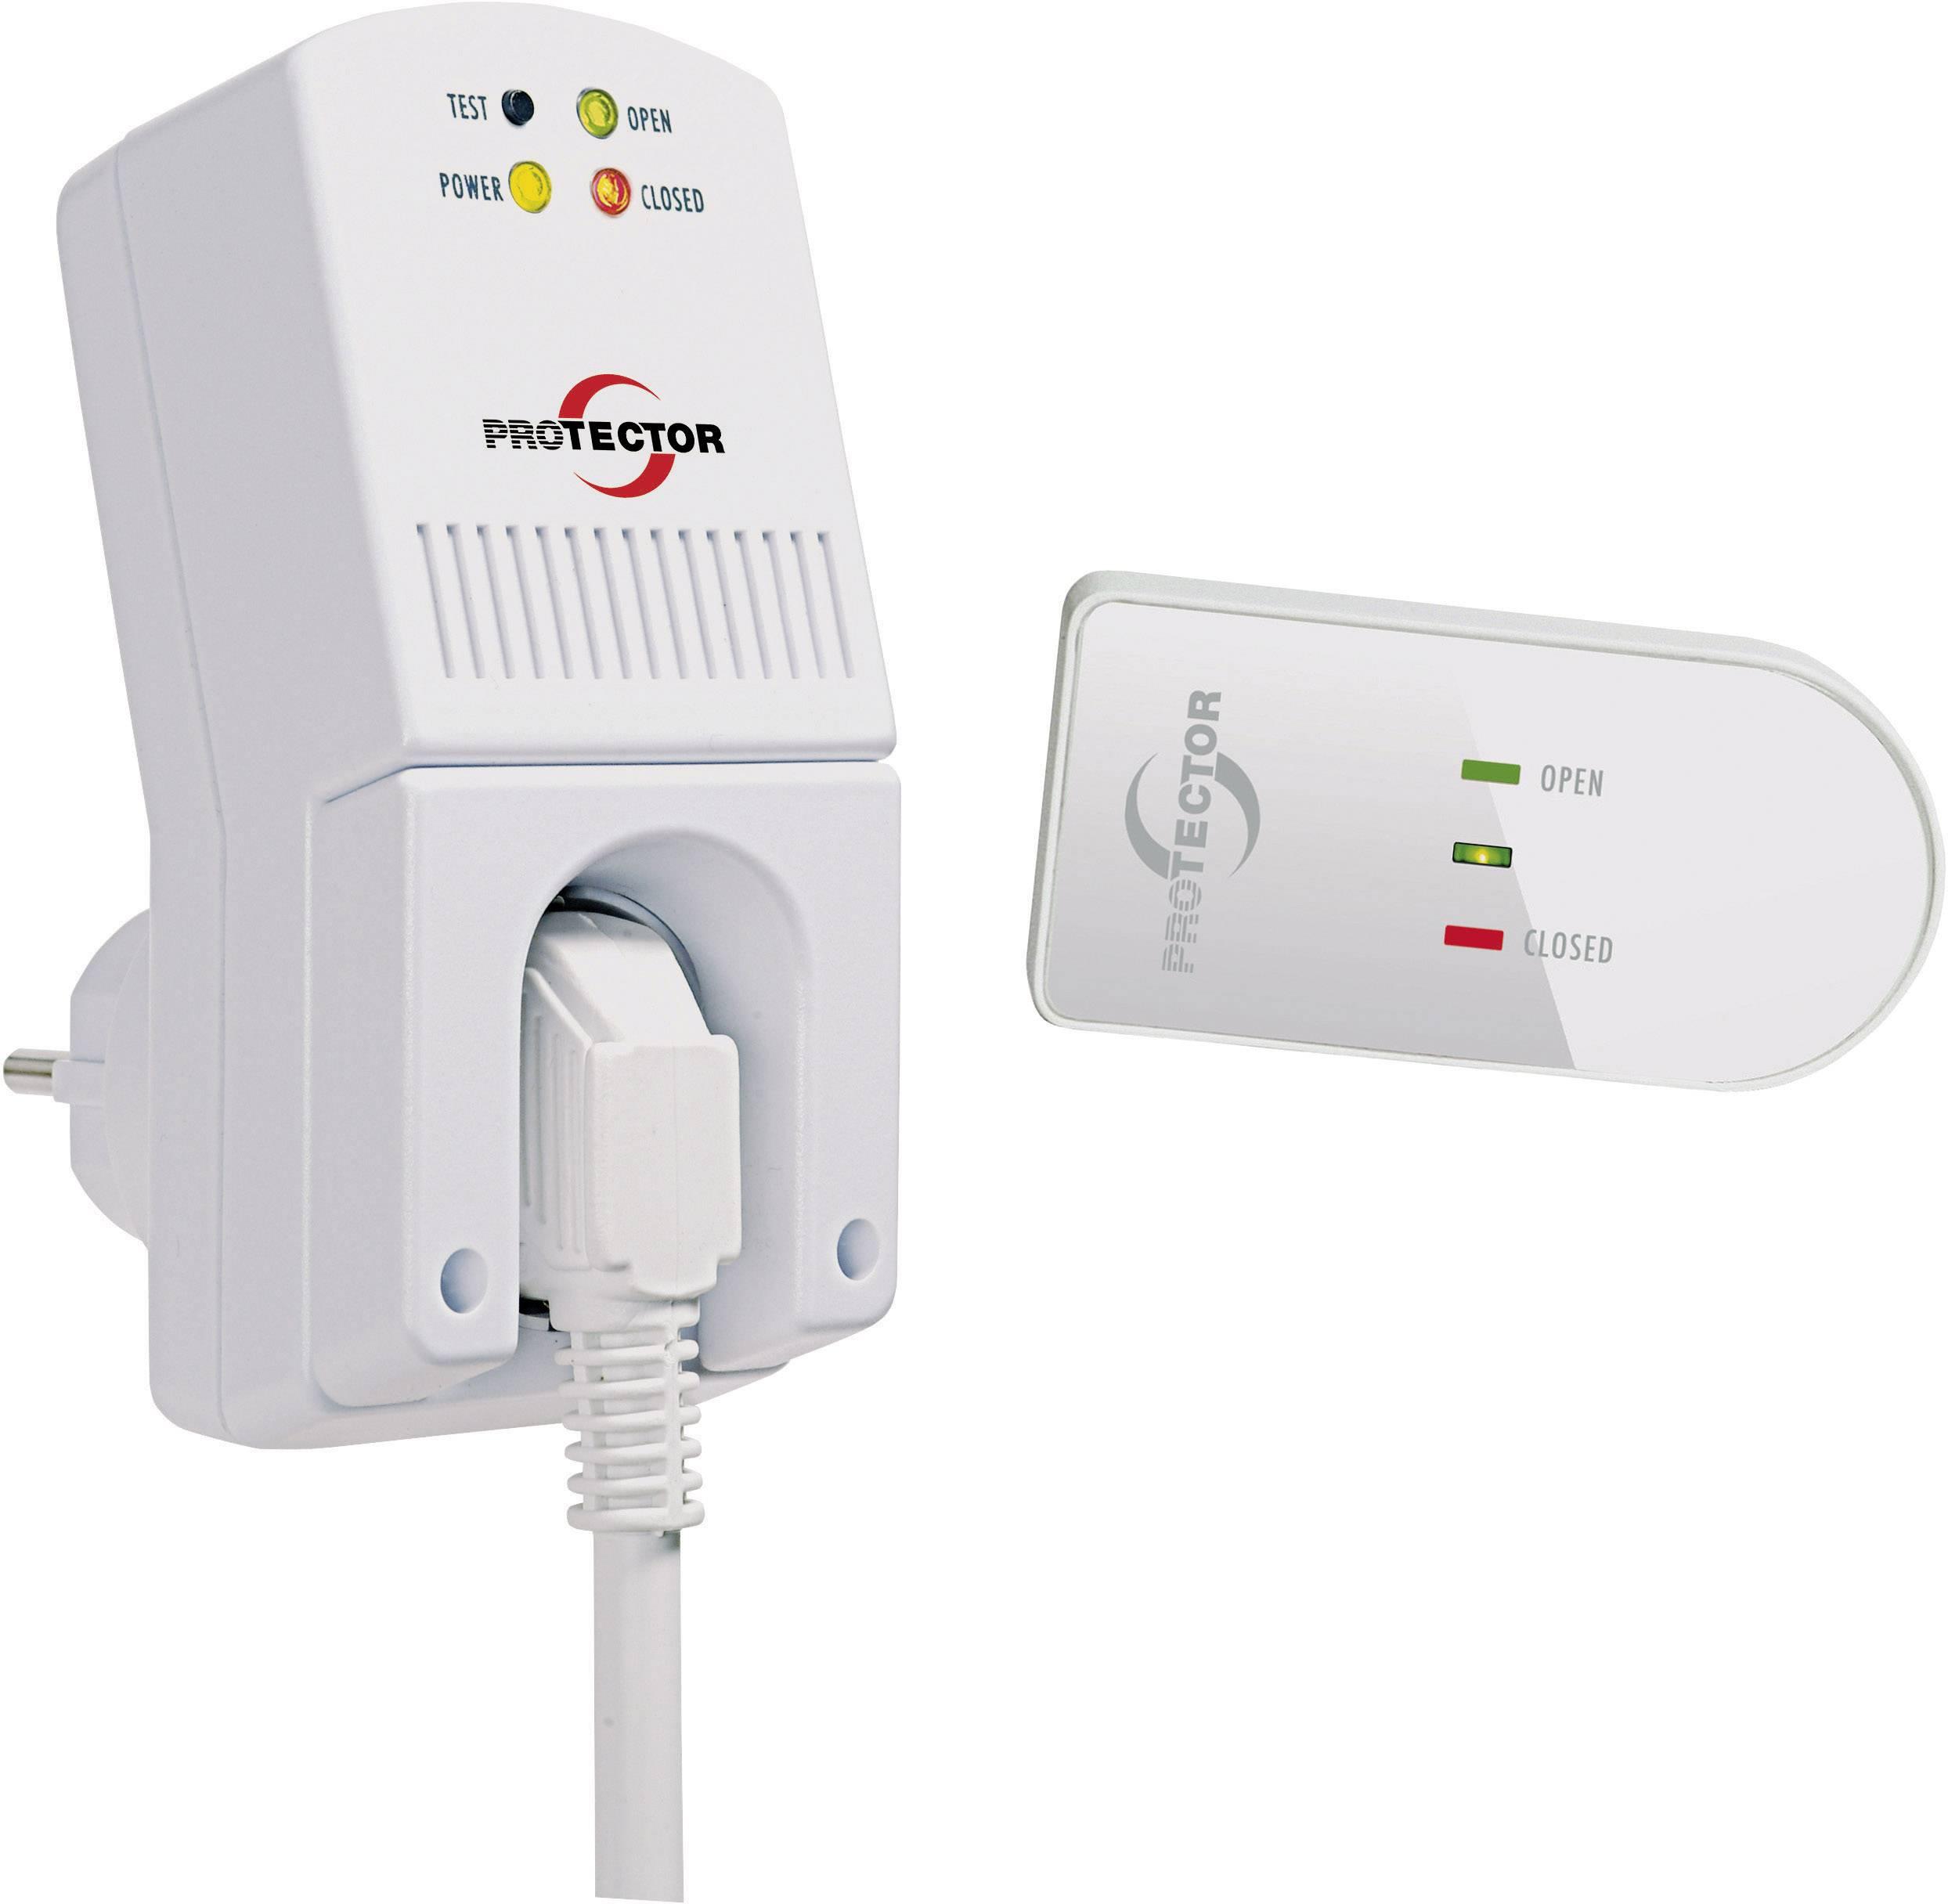 Bezdrôtové ovládanie odvodu vzduchu Protector AS 5020, 1300 W, biela